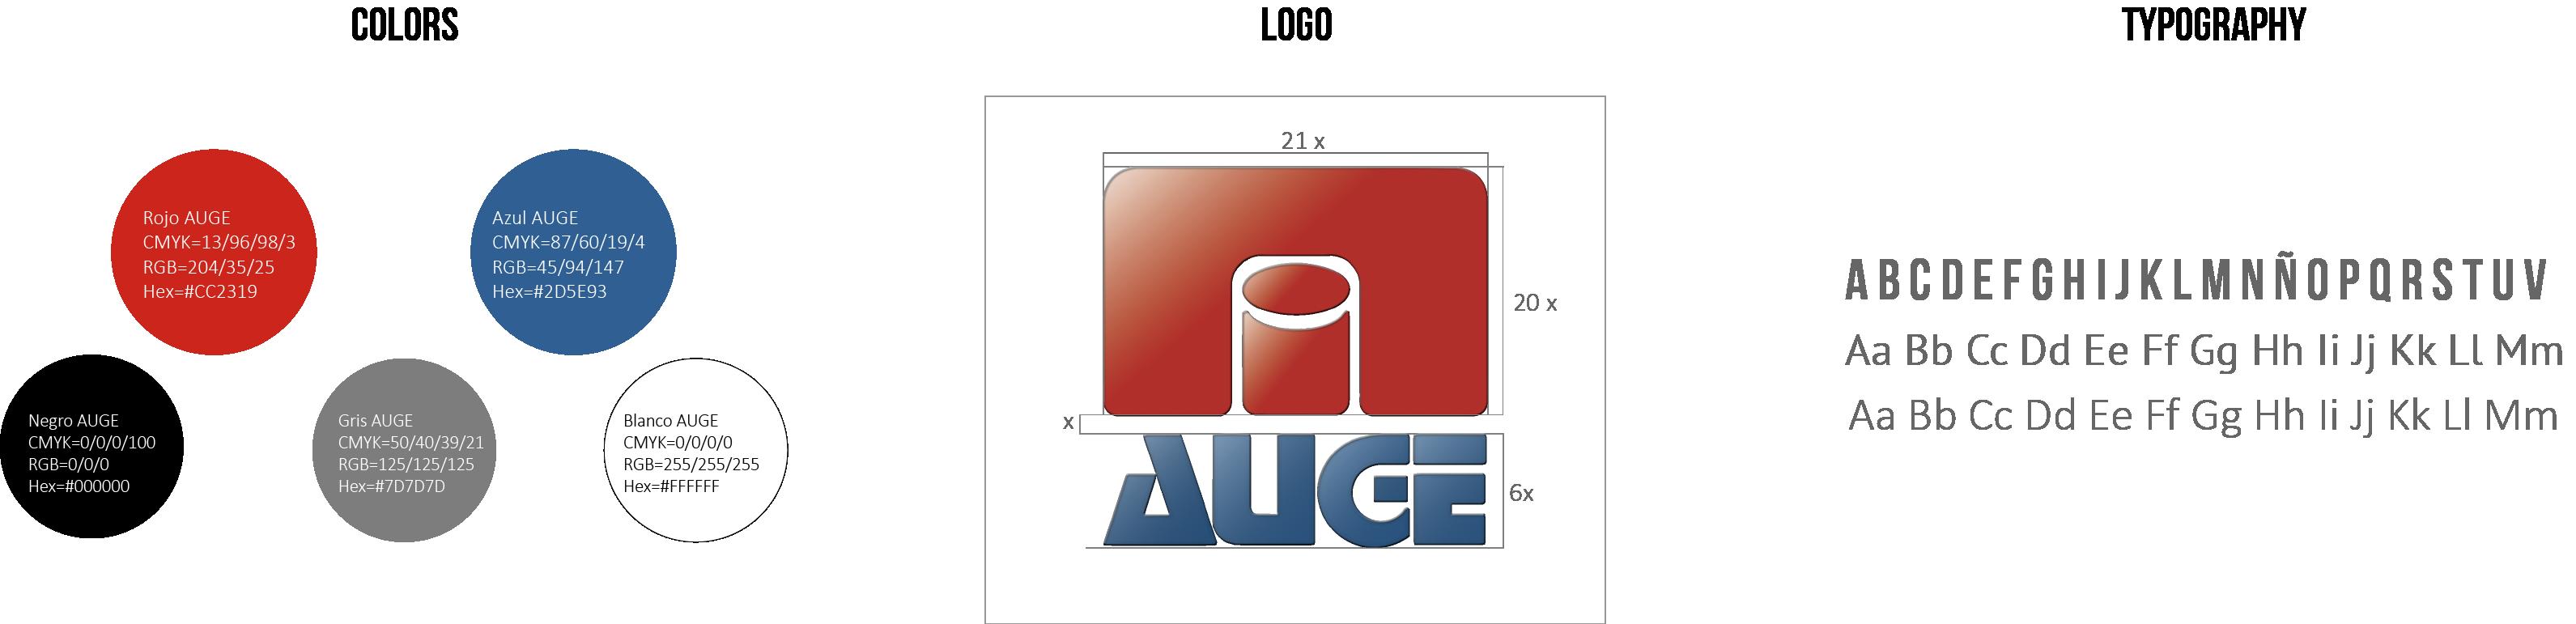 Logo_usage